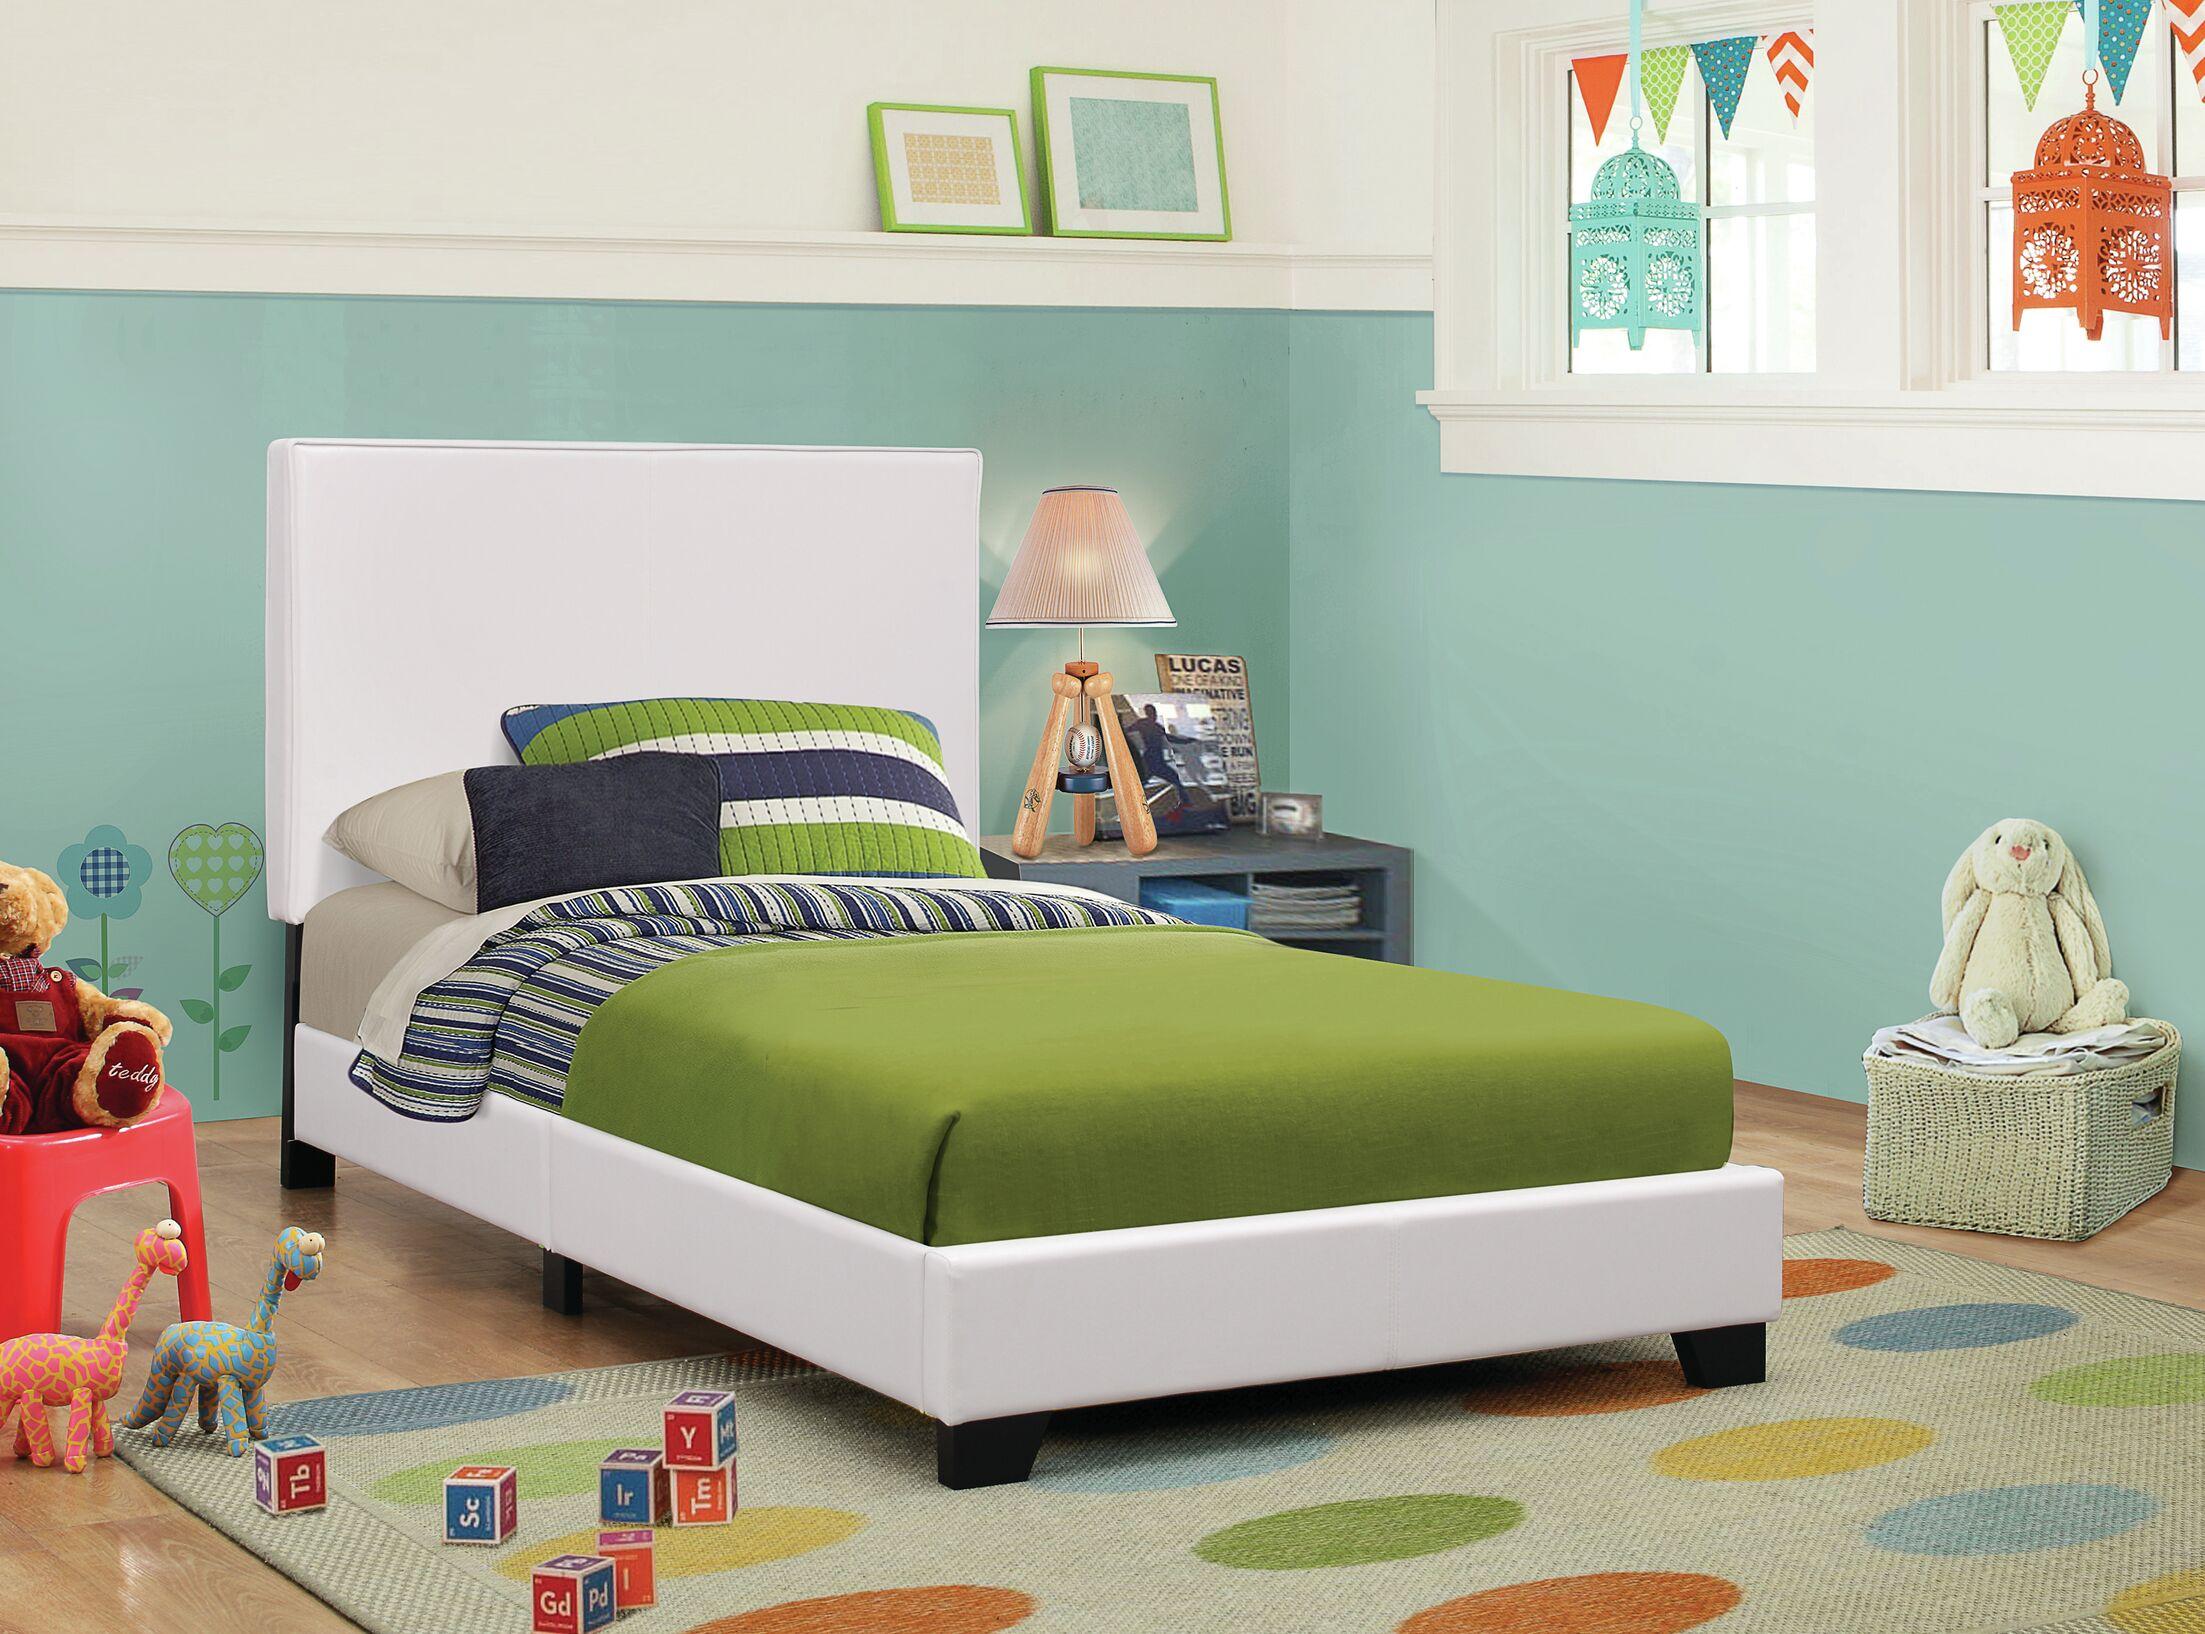 Blanchard Upholstered Platform Bed Size: Full, Color: White